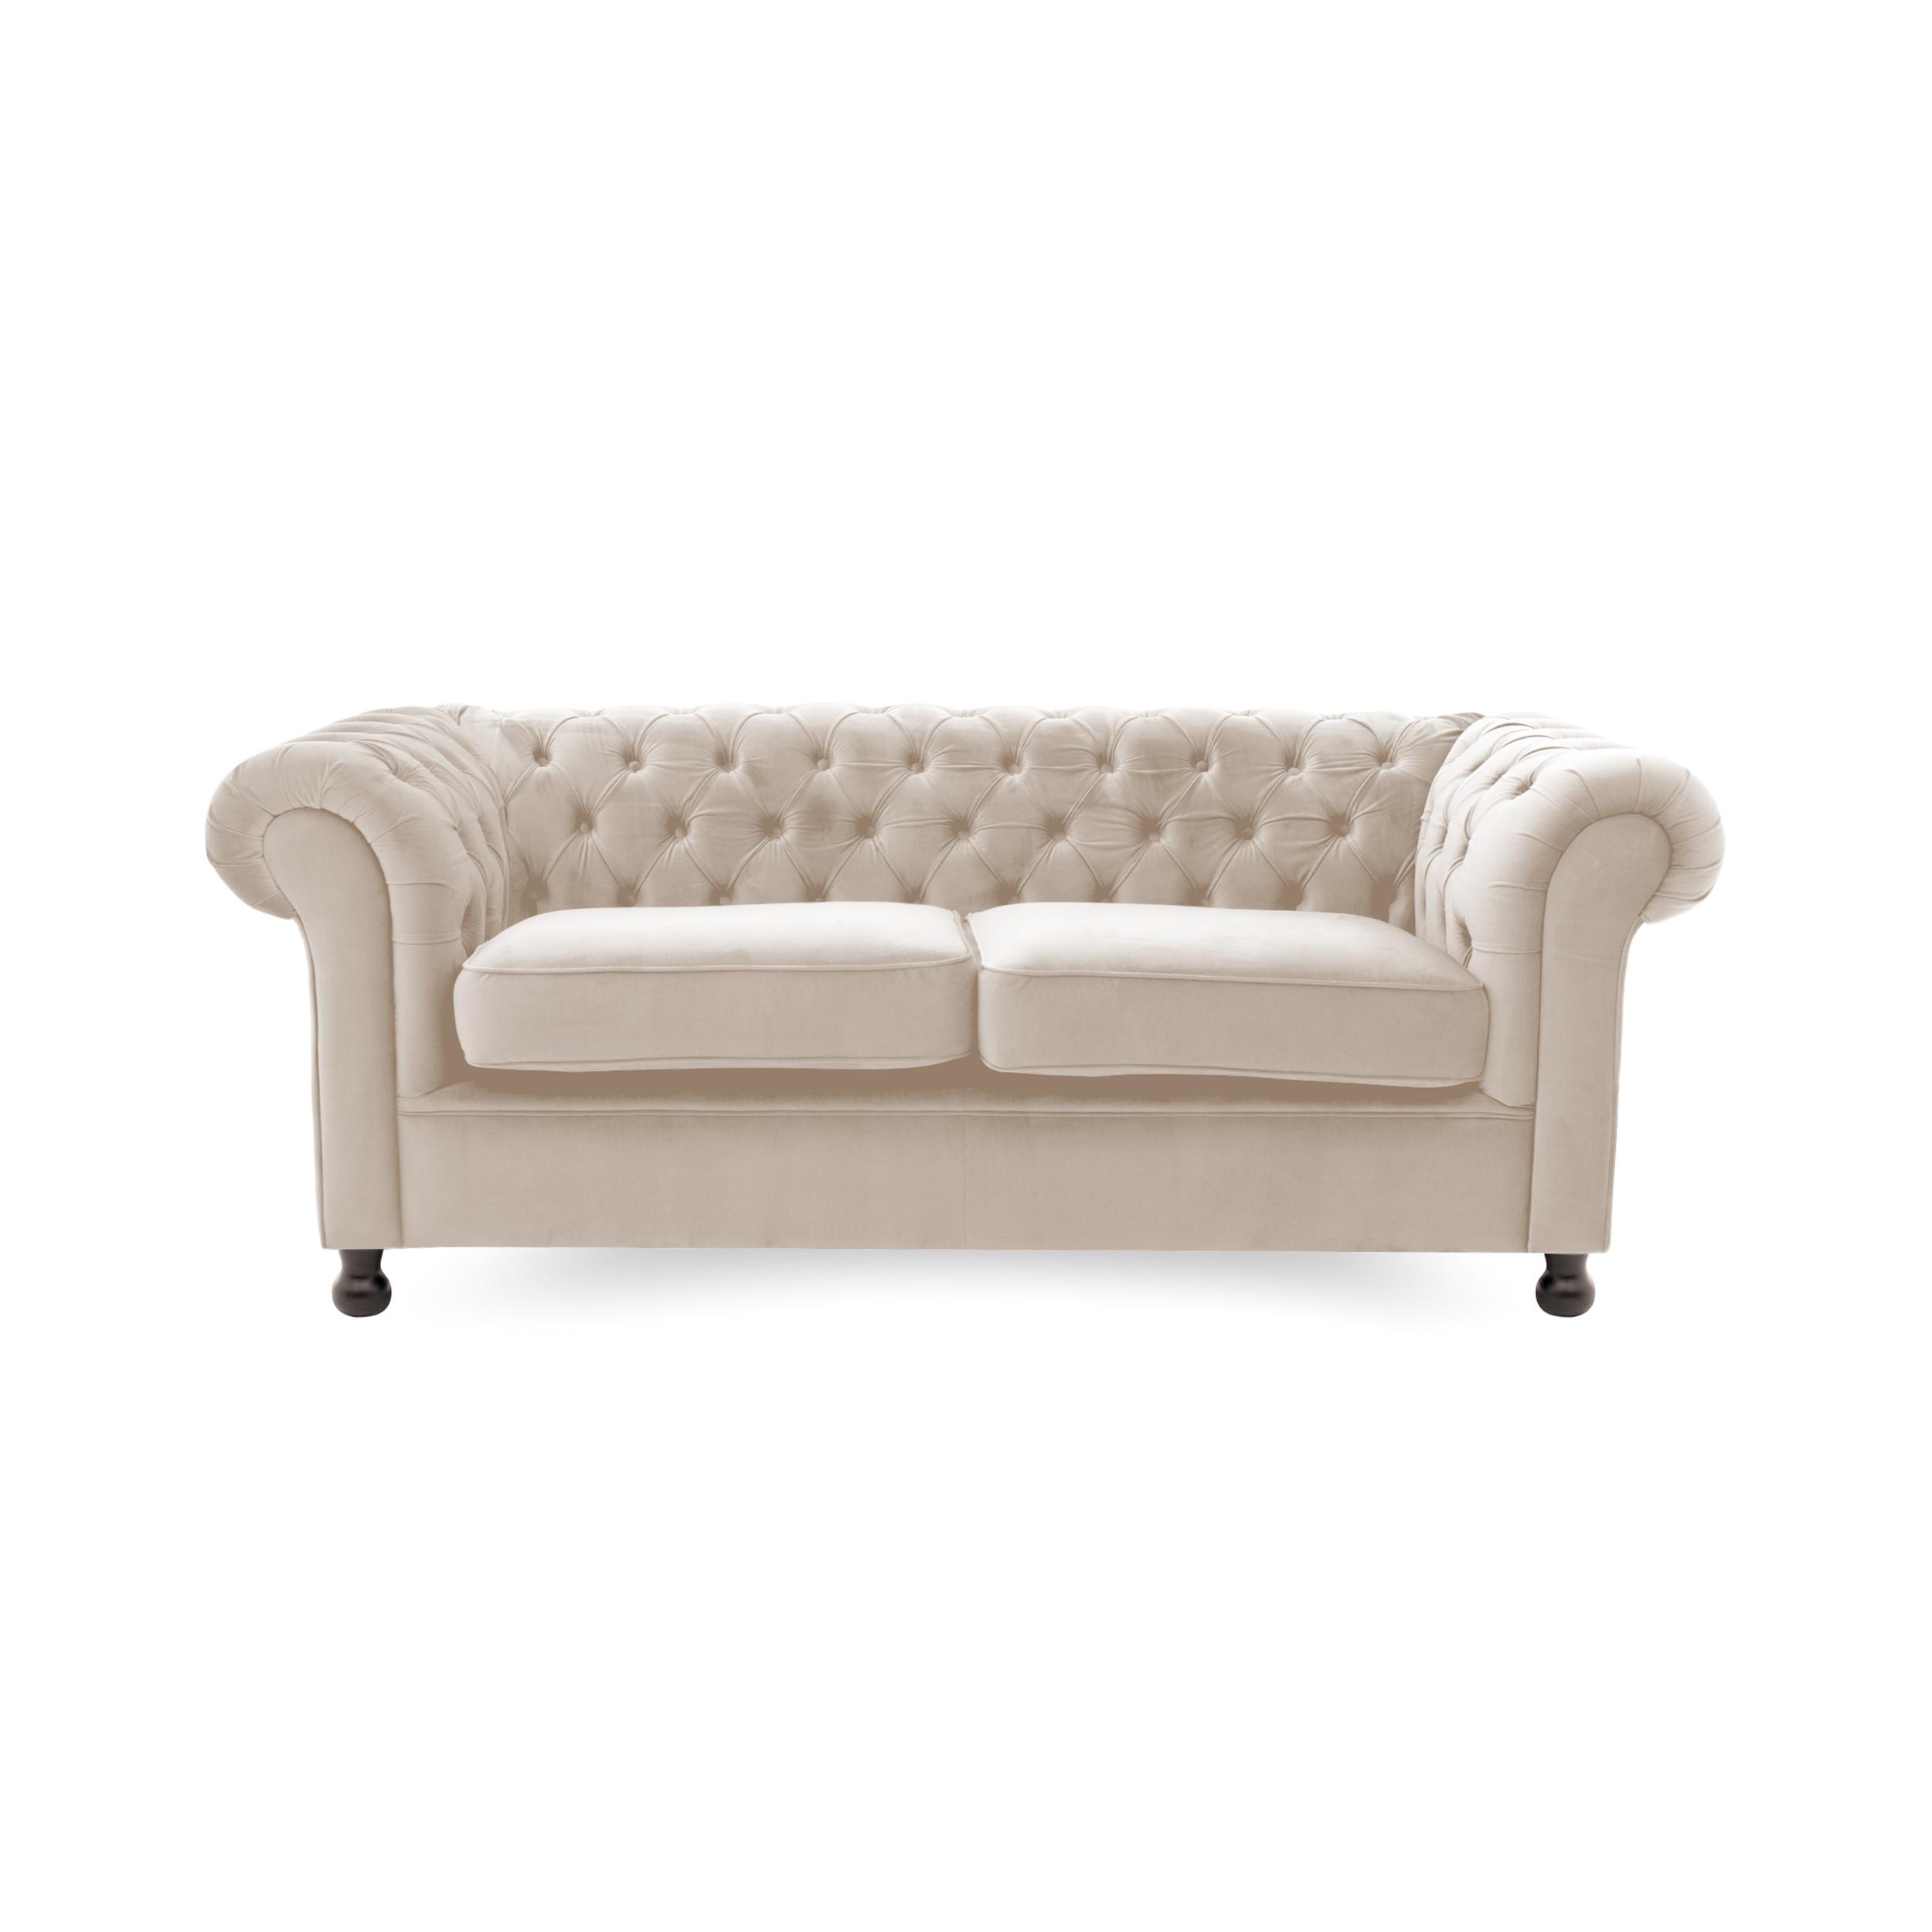 Canapea Fixa 3 locuri Chesterfield Silky Grey